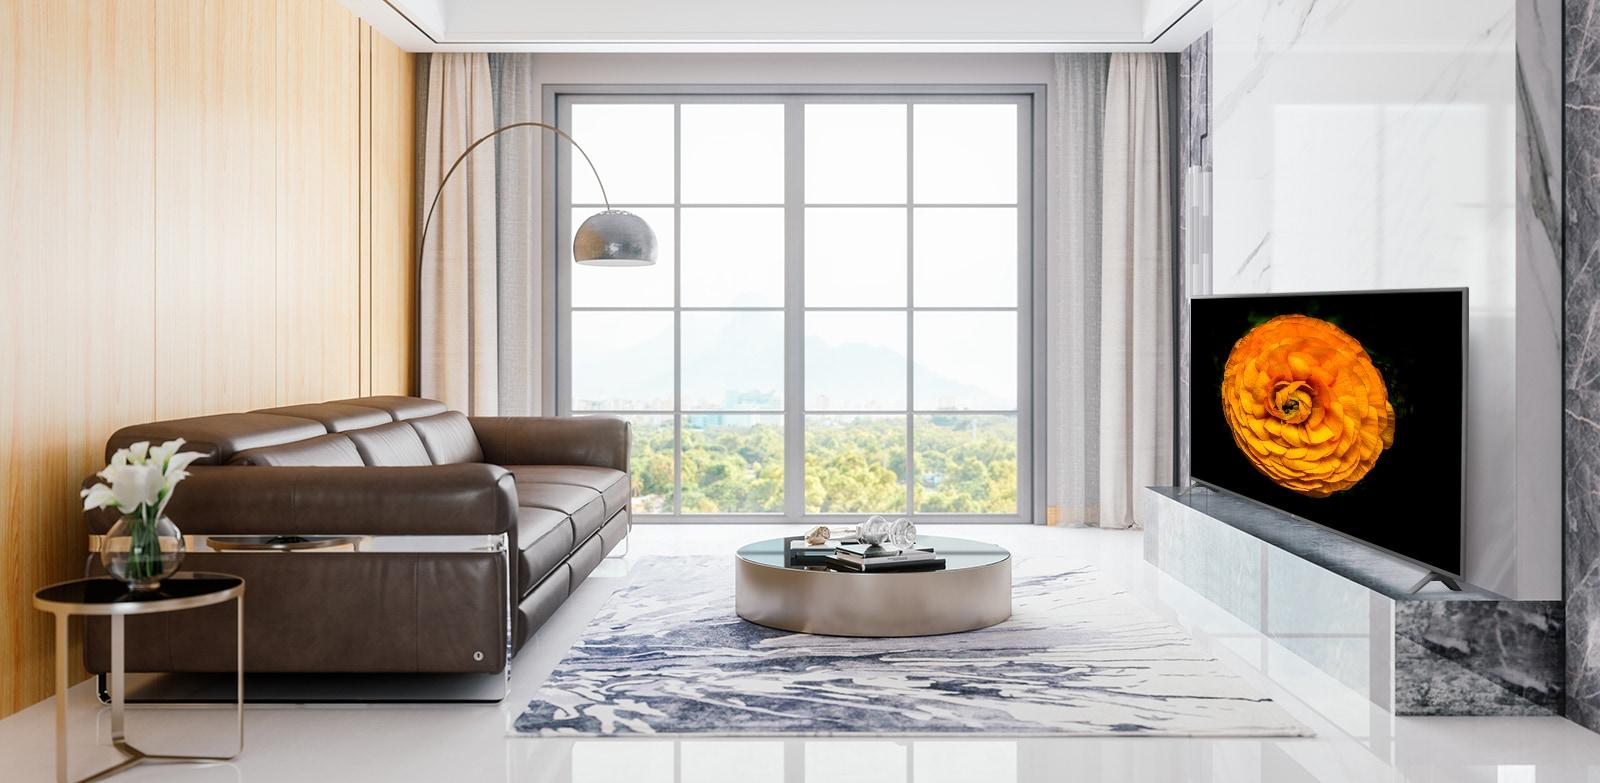 LG UHD TV, situado en la pared de un salón con diseño minimalista. En la pantalla del televisor se muestra la imagen de una flor.